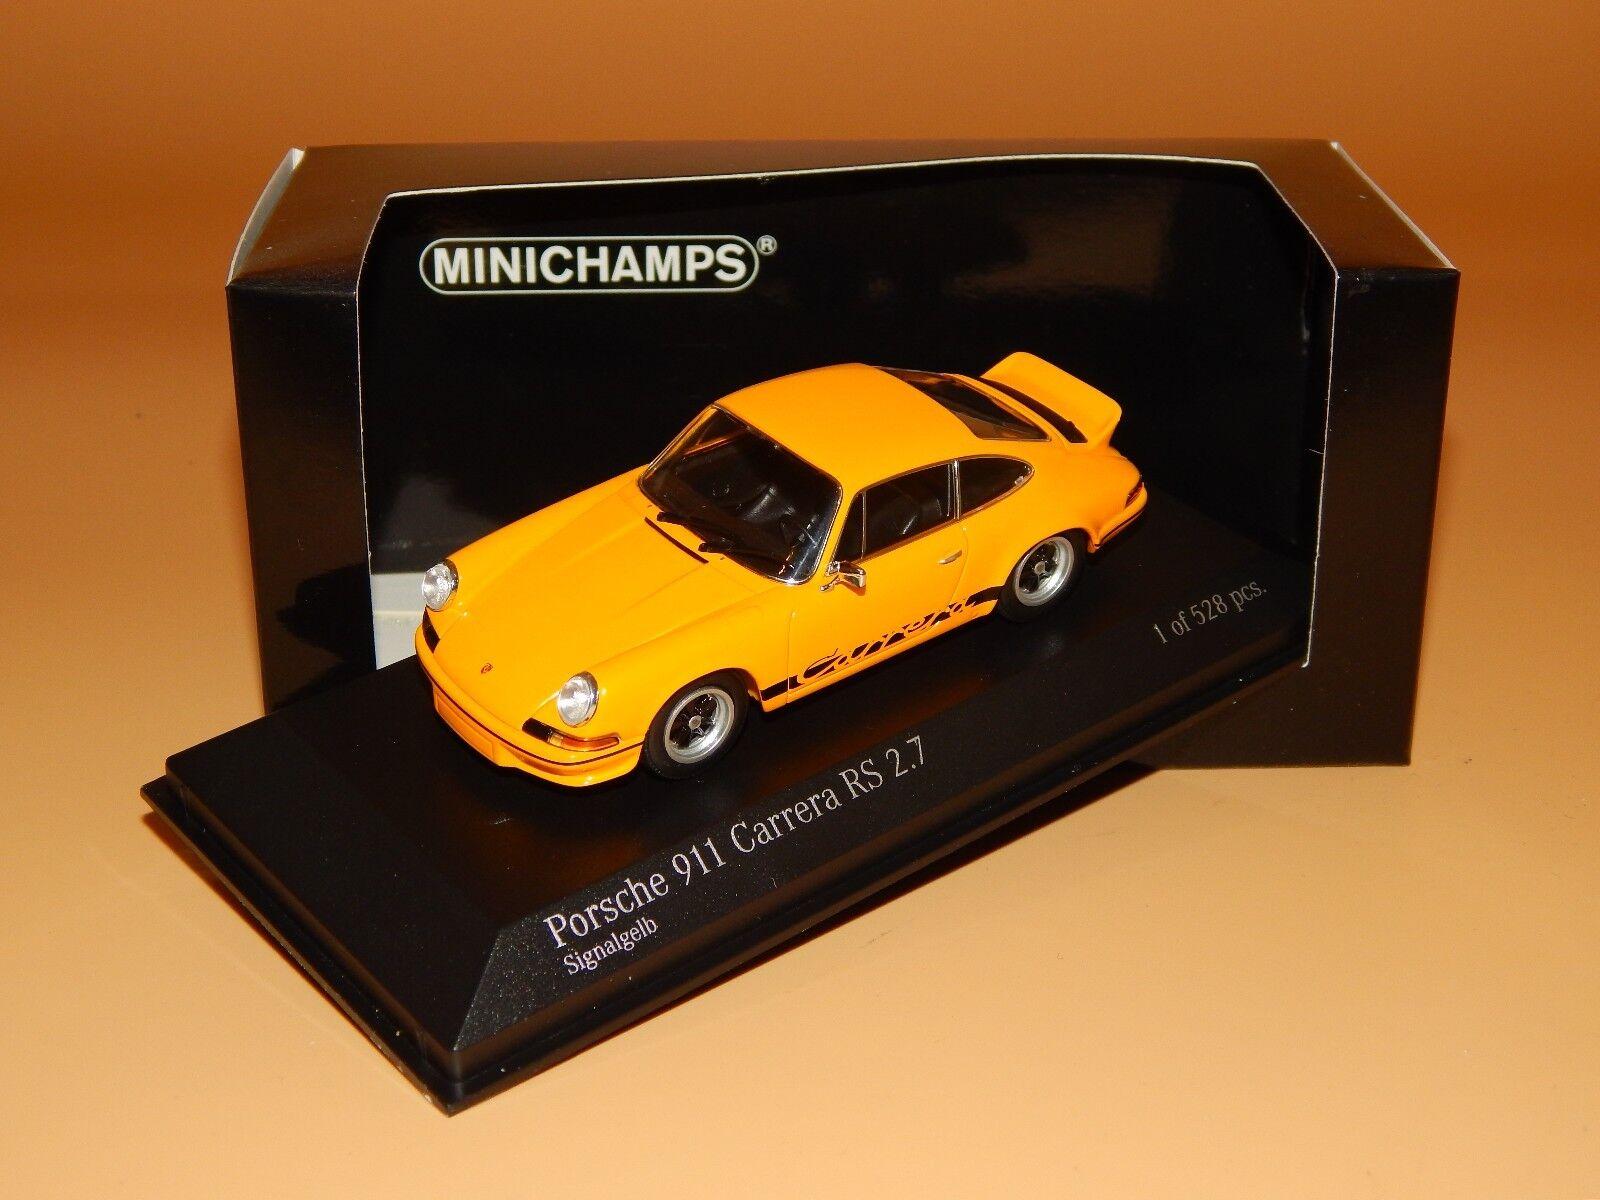 Porsche 911 Carrera RS 2.7 (930) 1973 signalgelb 400065522 de Pma 1/43 neuf dans sa boîte   D'être Très Apprécié Et Loué Par Les Consommateurs